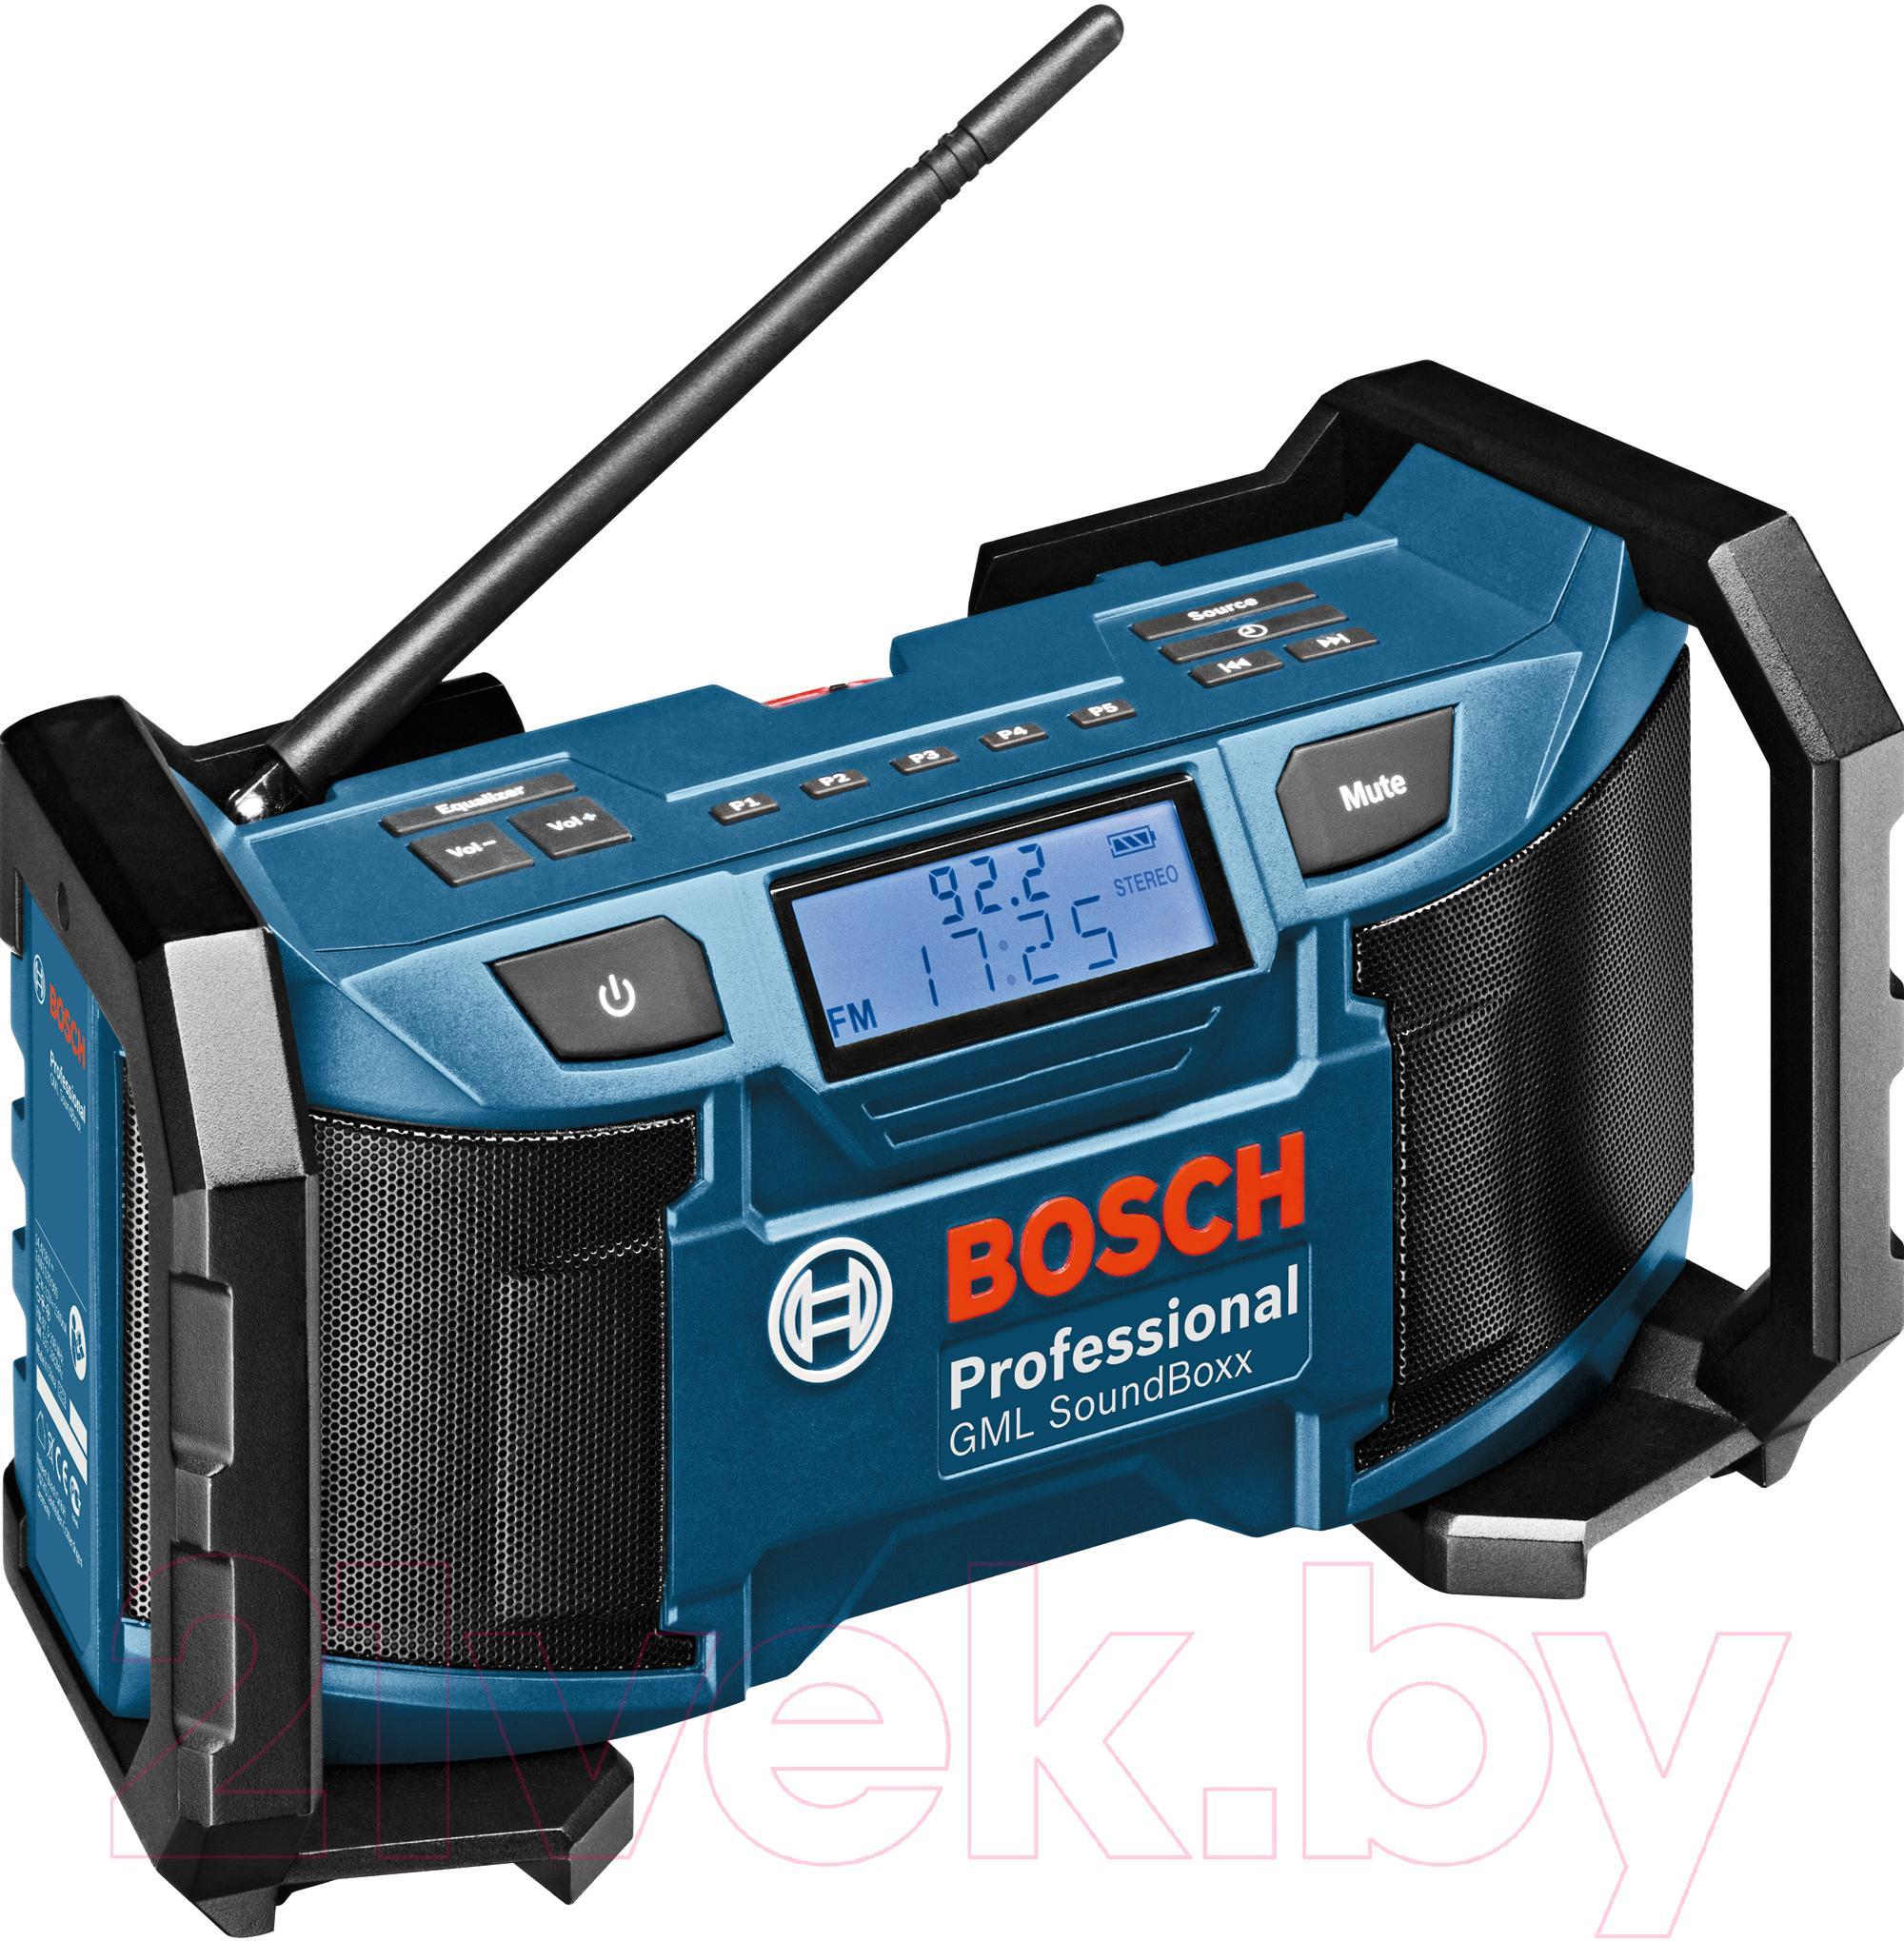 Купить Радиоприемник Bosch, GML Sound Boxx (0.601.429.900), Китай